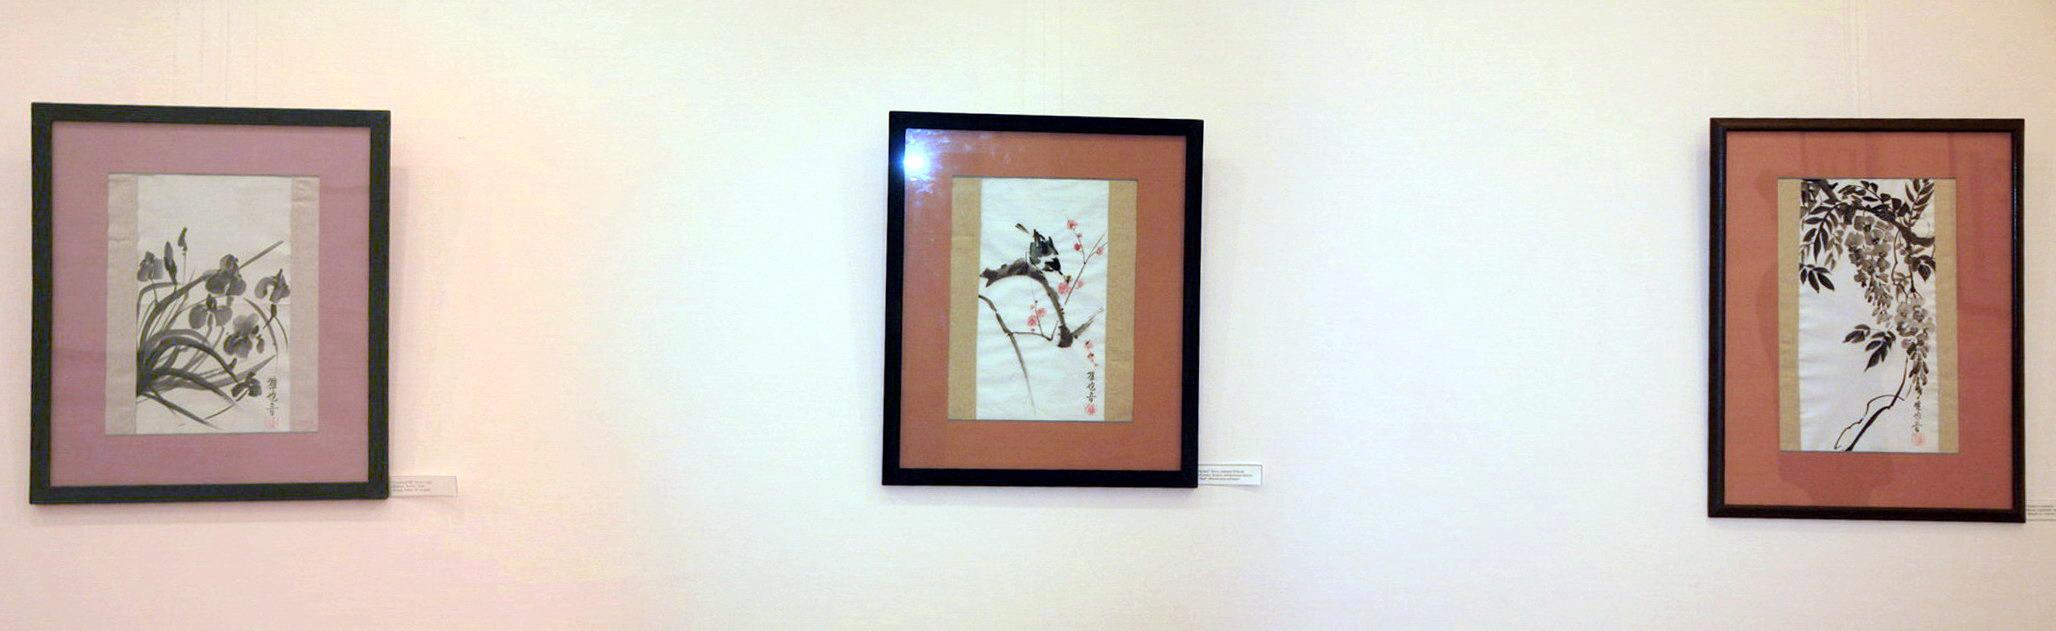 Экспозиция живописи Г. Матевосян